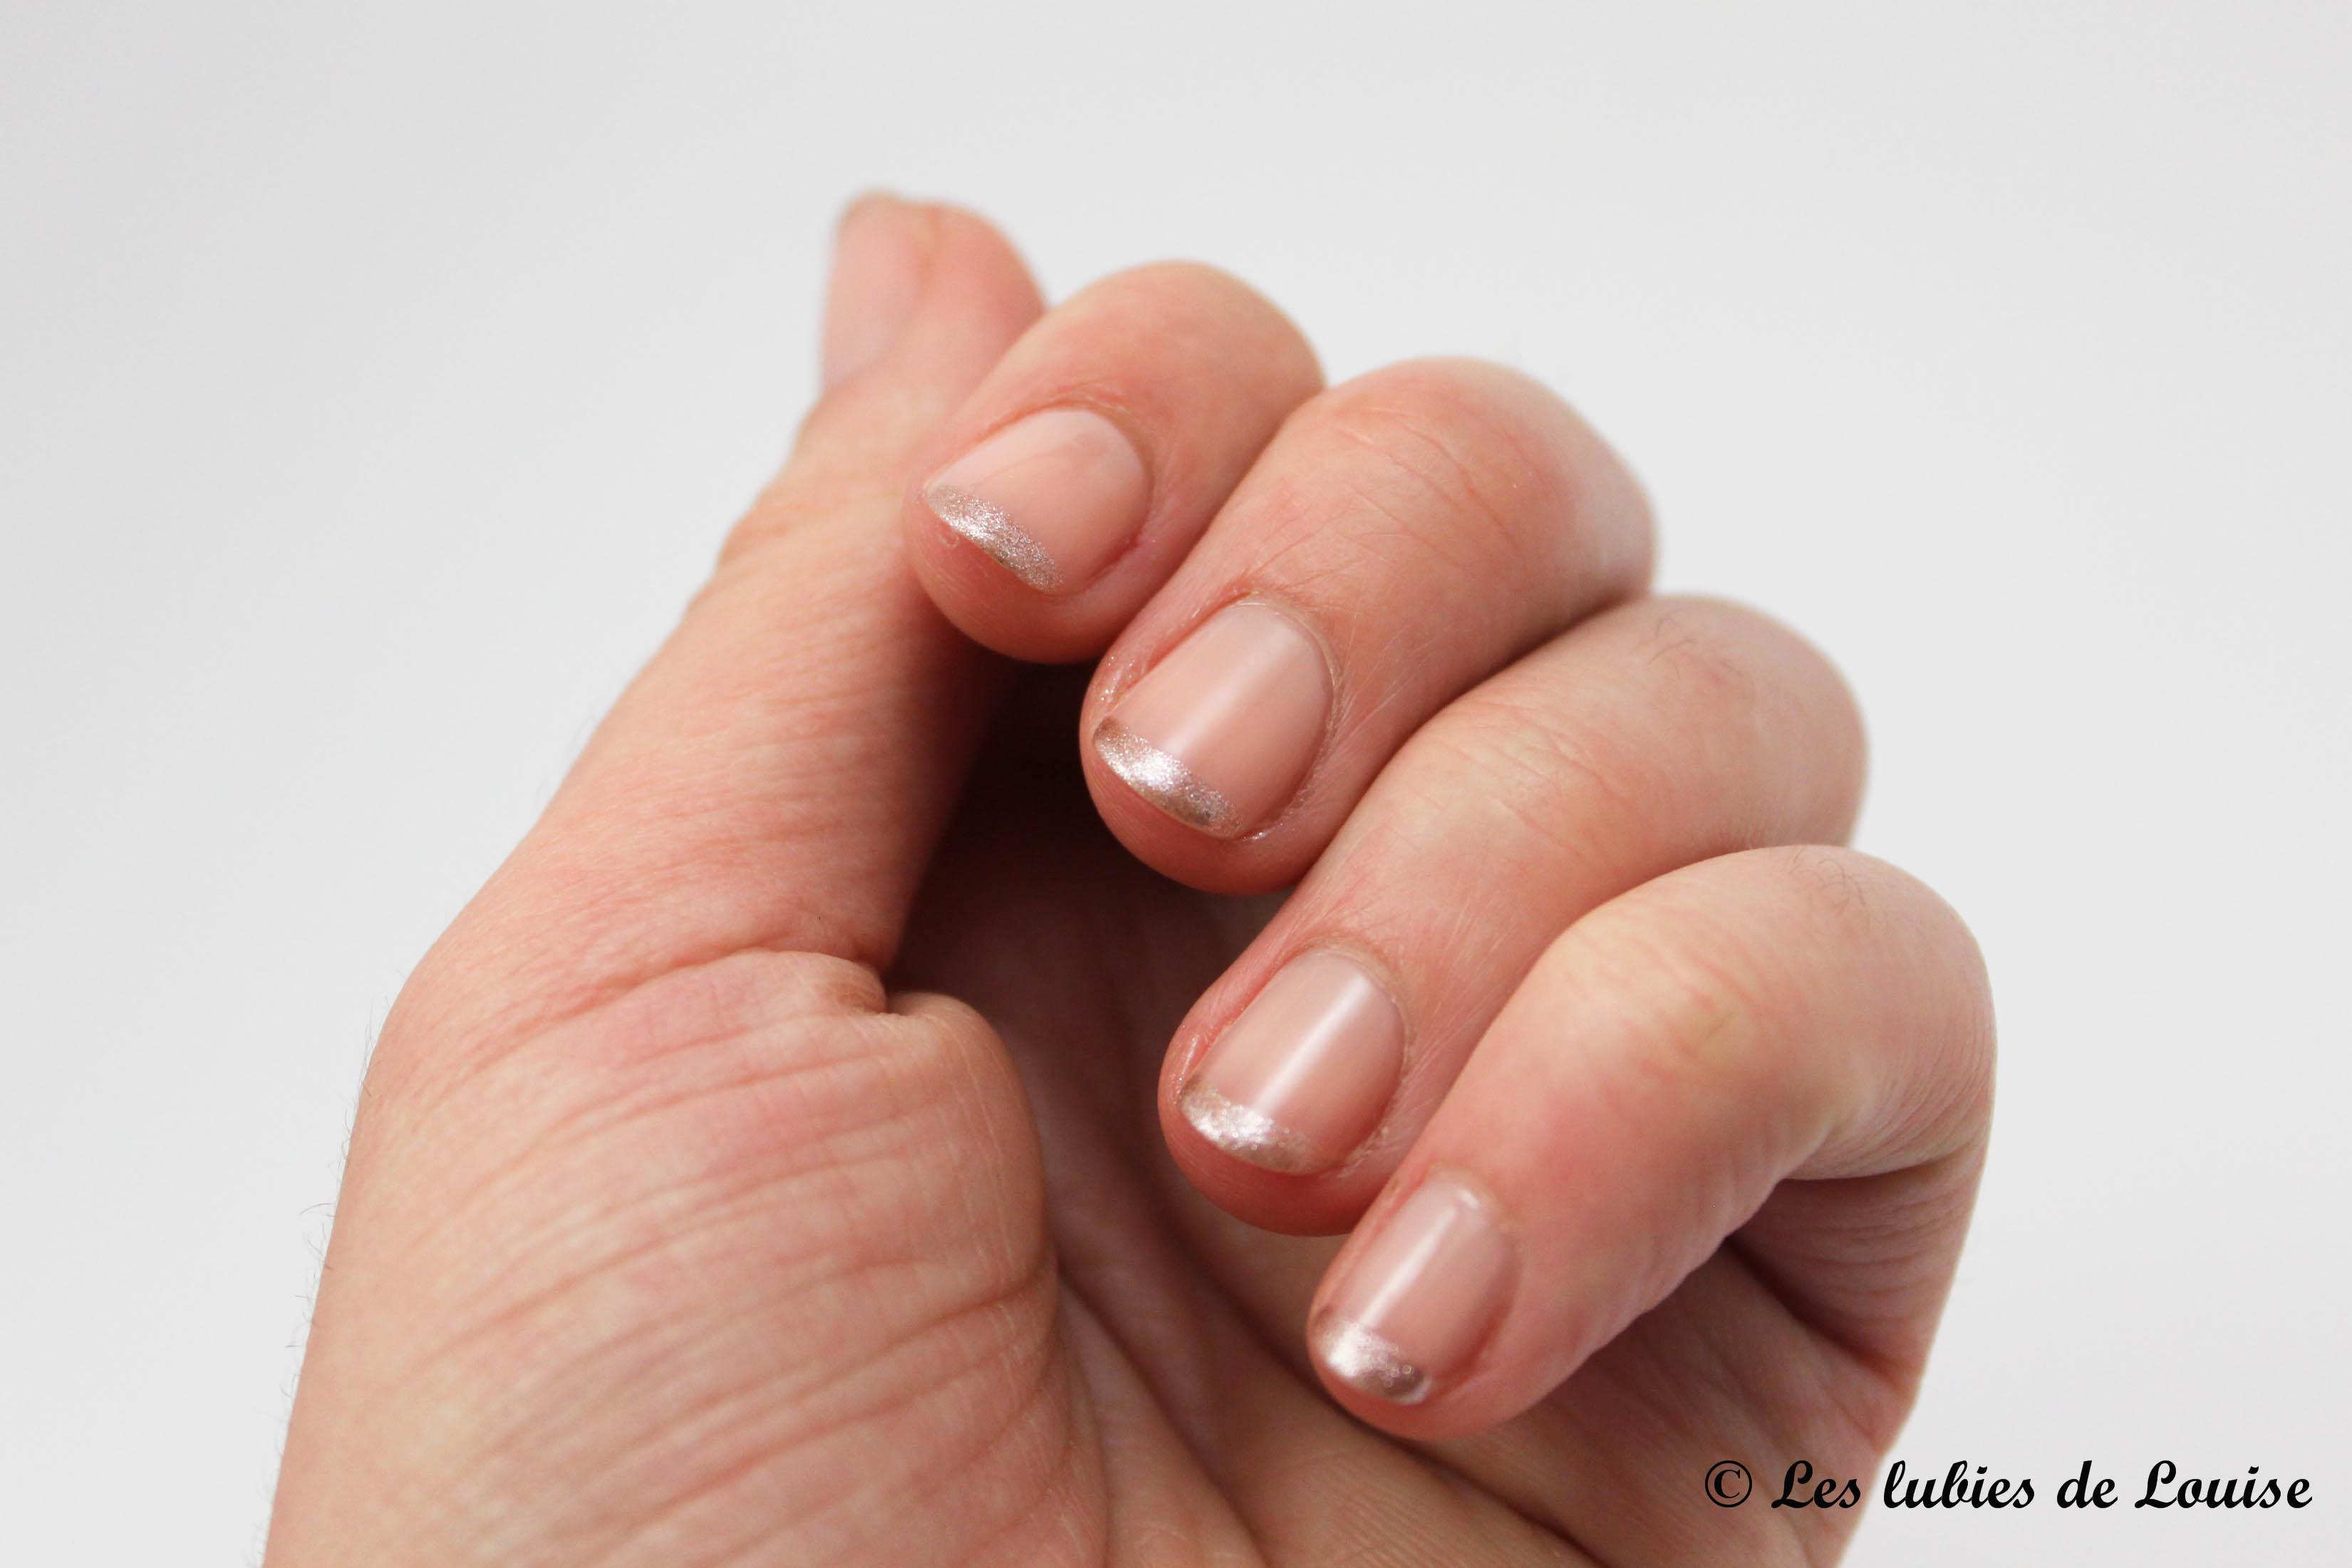 french manucure nude - Les lubies de Louise (5 sur 5)